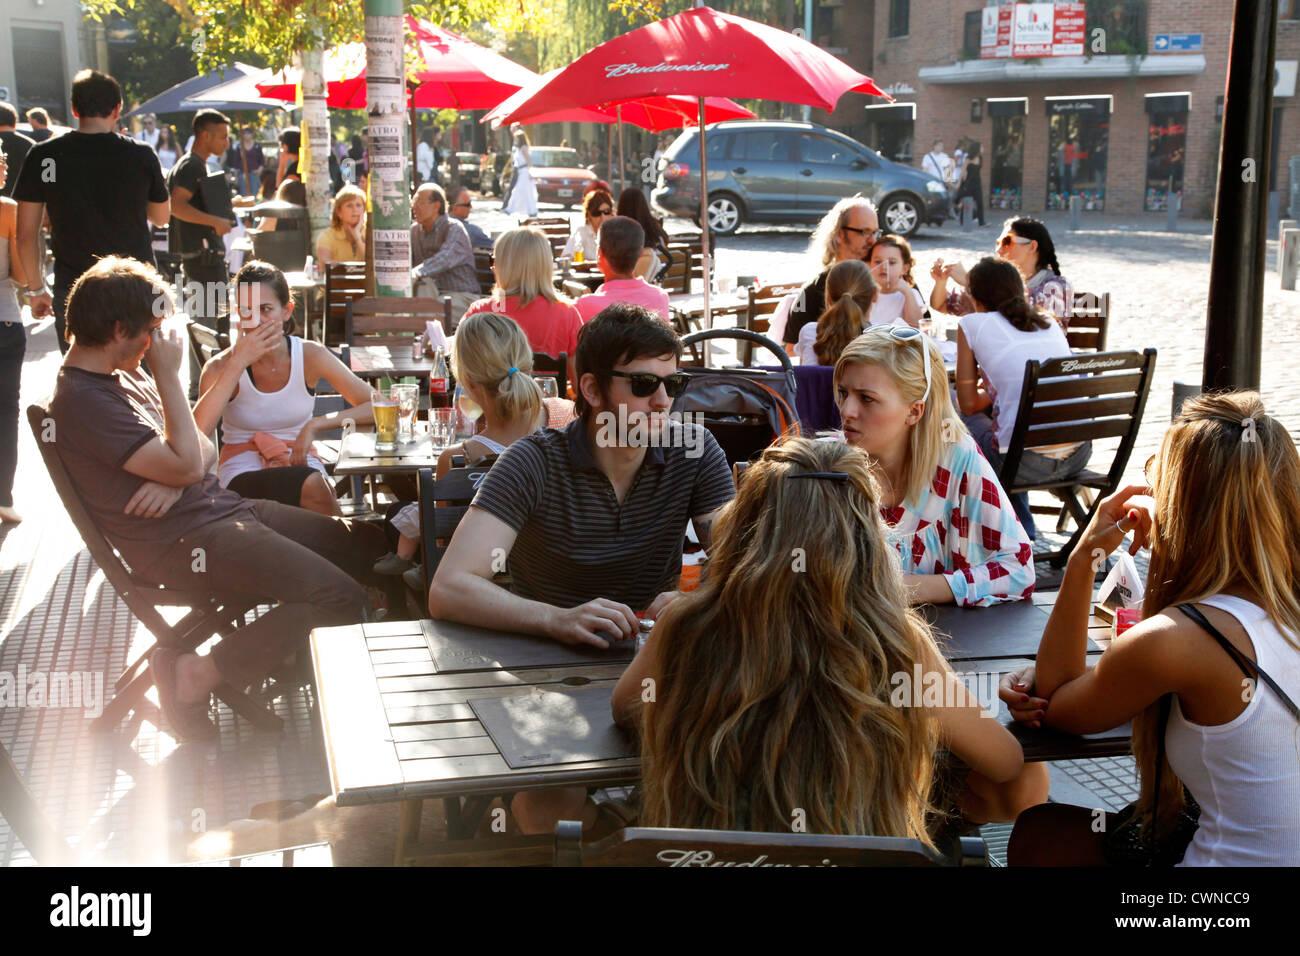 Menschen sitzen in einem Restaurant in der Gegend von Palermo Viejo, Buenos Aires, Argentinien. Stockbild